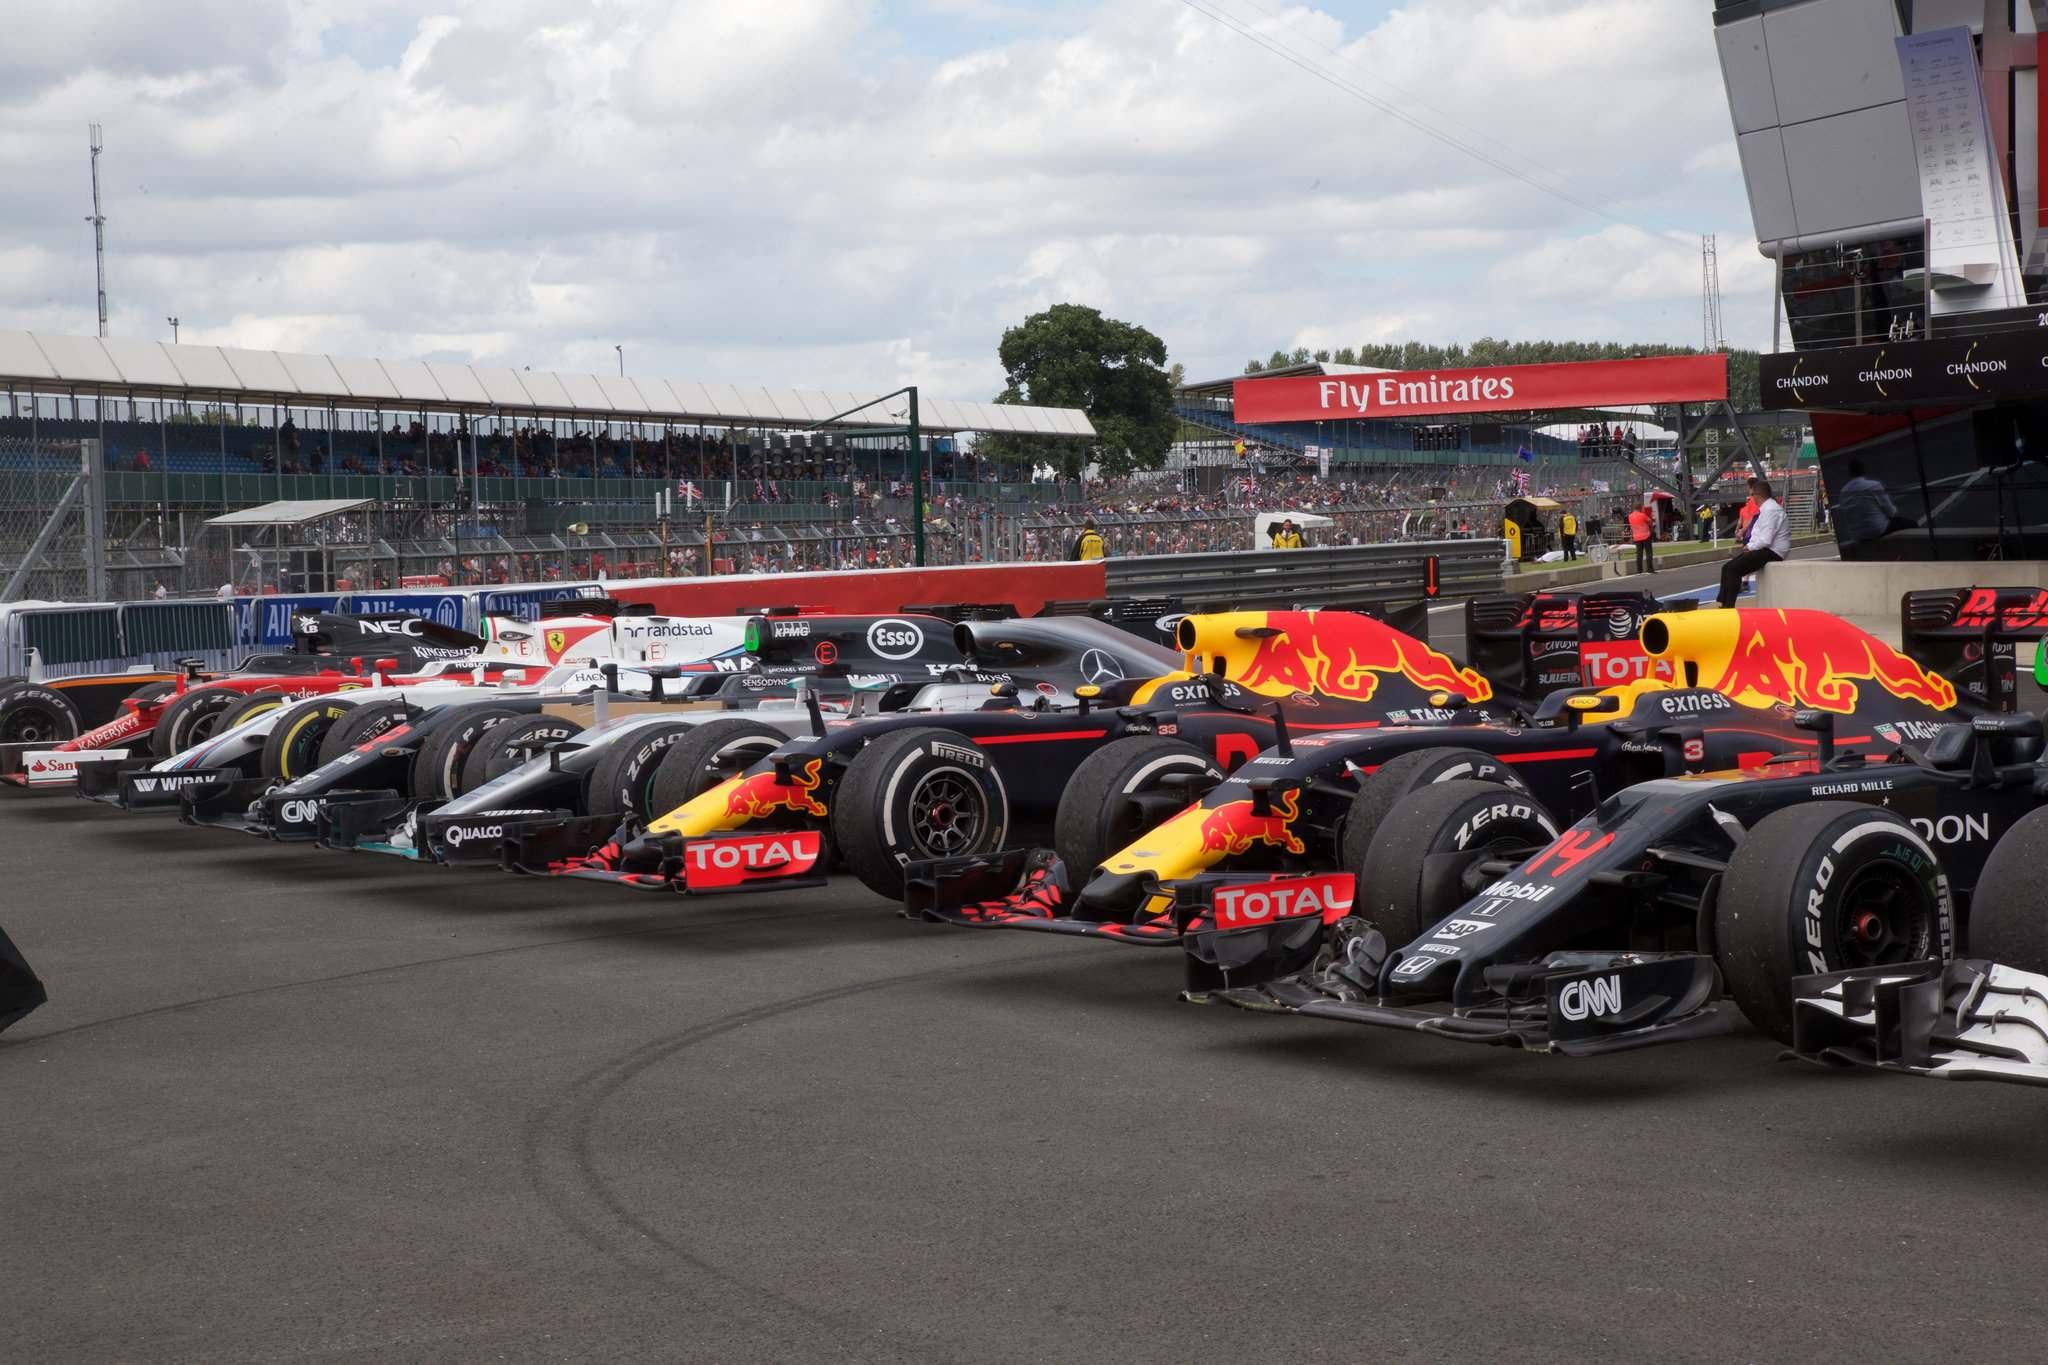 britishgp1 Formula 1   British GP 2016 in Silverstone